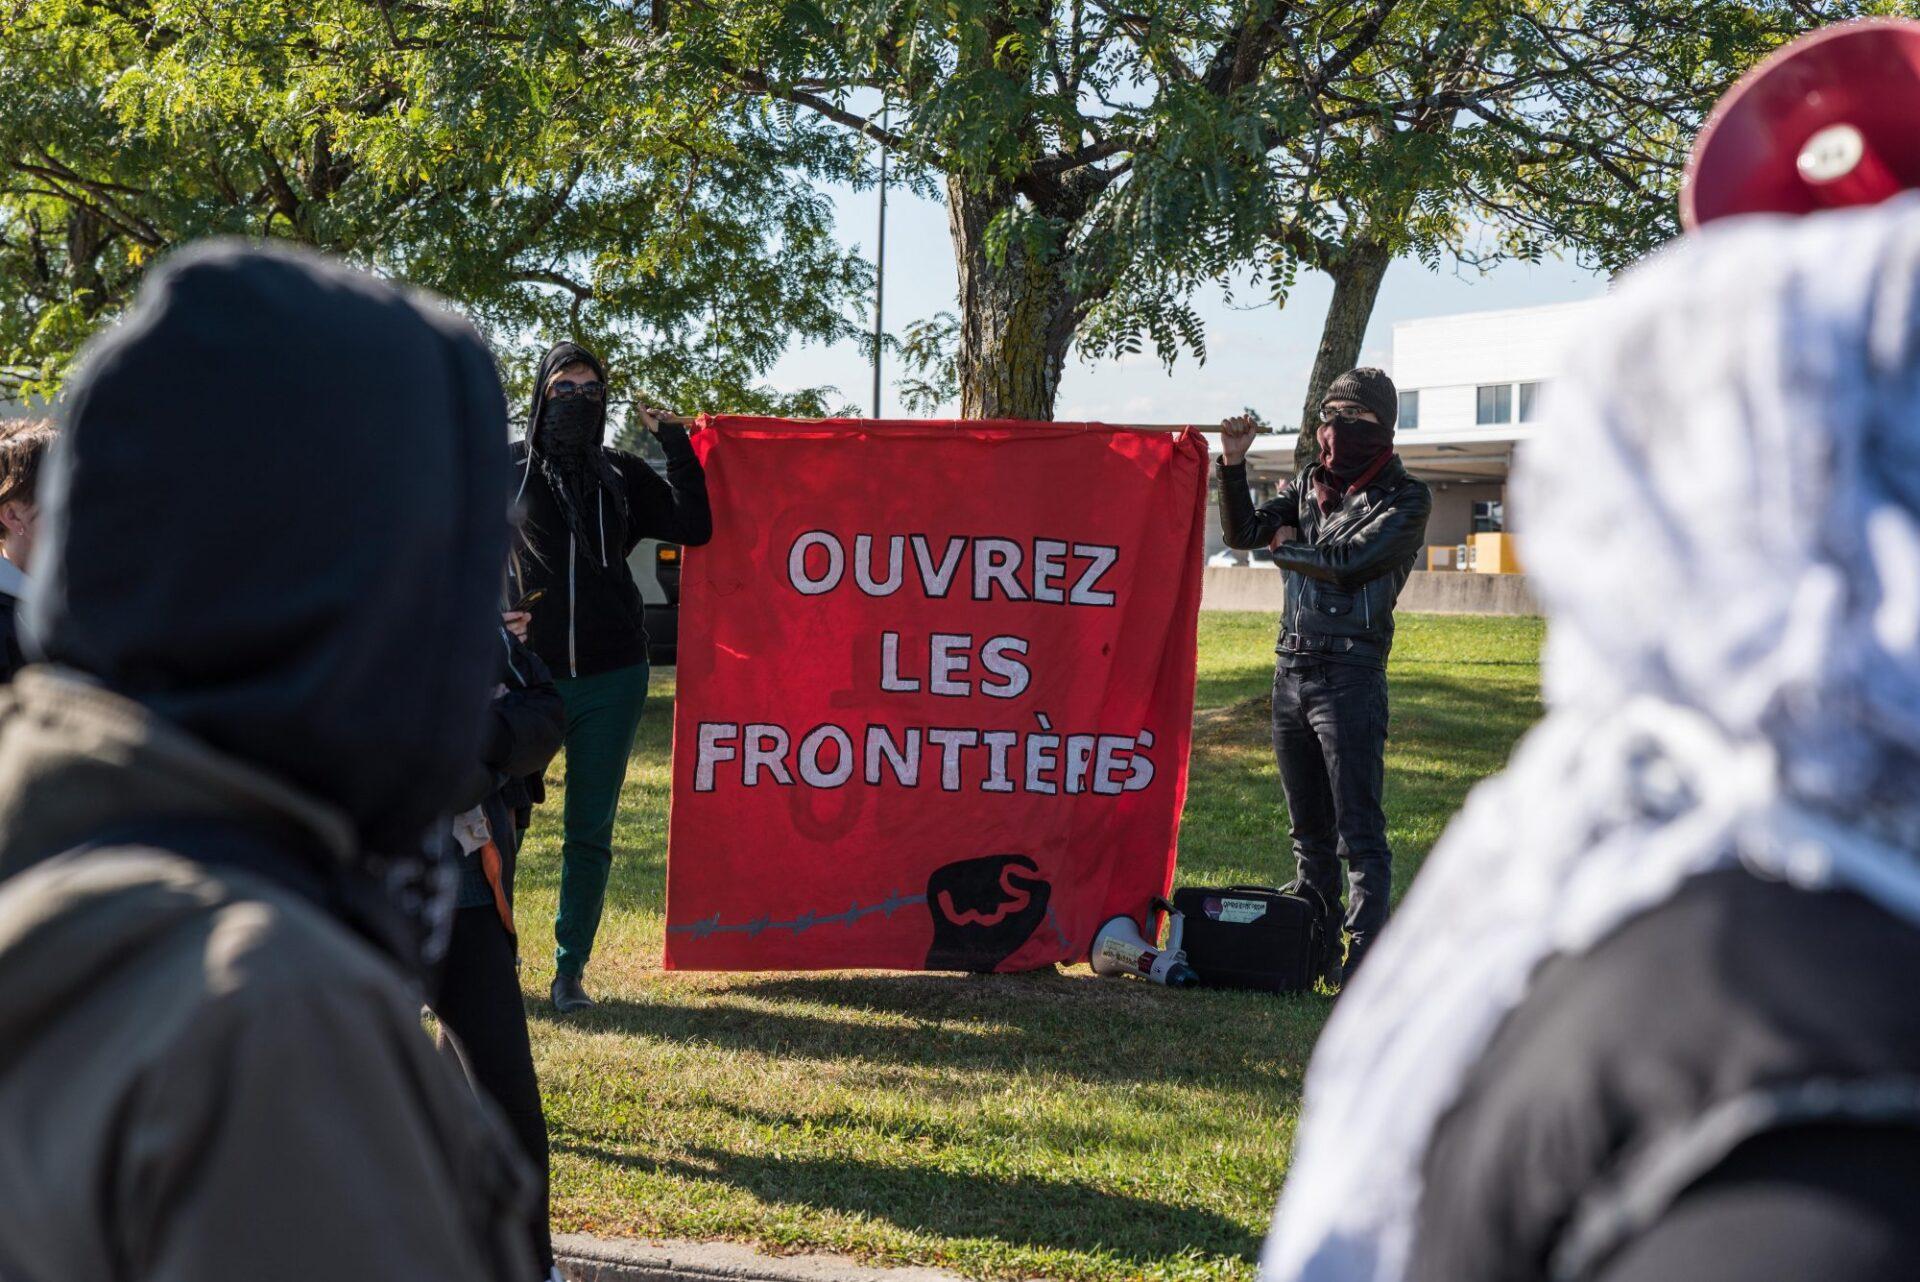 Dès 10h00 des manifestants antifascistes ont occupé la frontière à Saint-Bernard-de-Lacolle, entre le Québec et le Vermont   Photo: Martin Ouellet-Diotte Montréal Campus